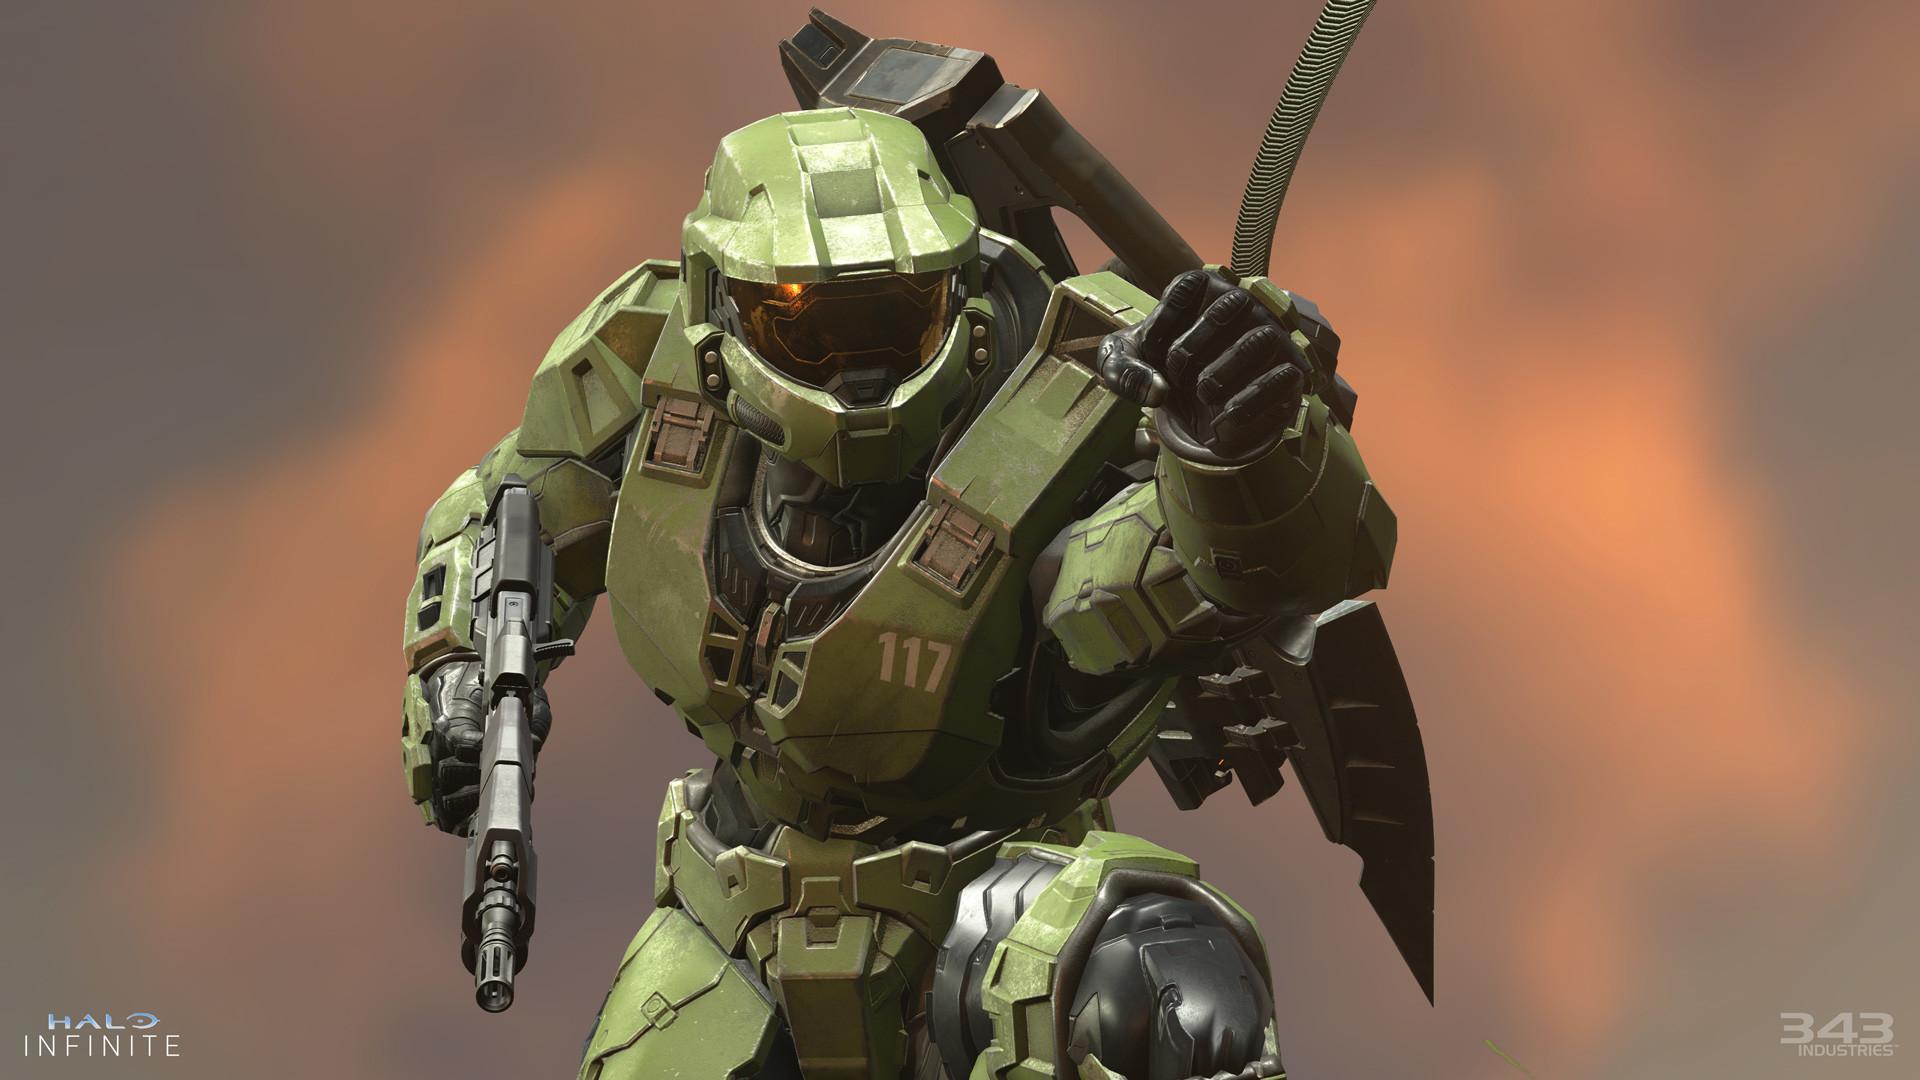 Кооператив в Halo Infinite: локальный - для 2 игроков, в онлайне – для 4 игроков